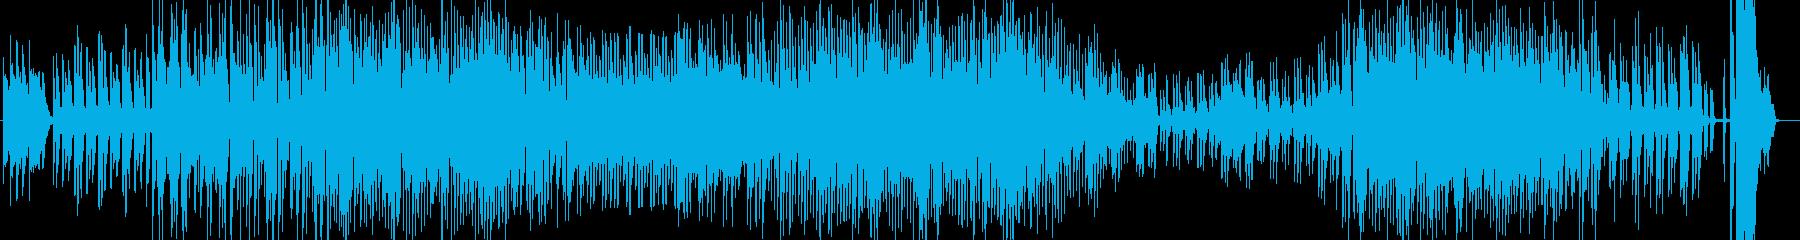 明るくリズミカルなビッグバンドジャズの再生済みの波形